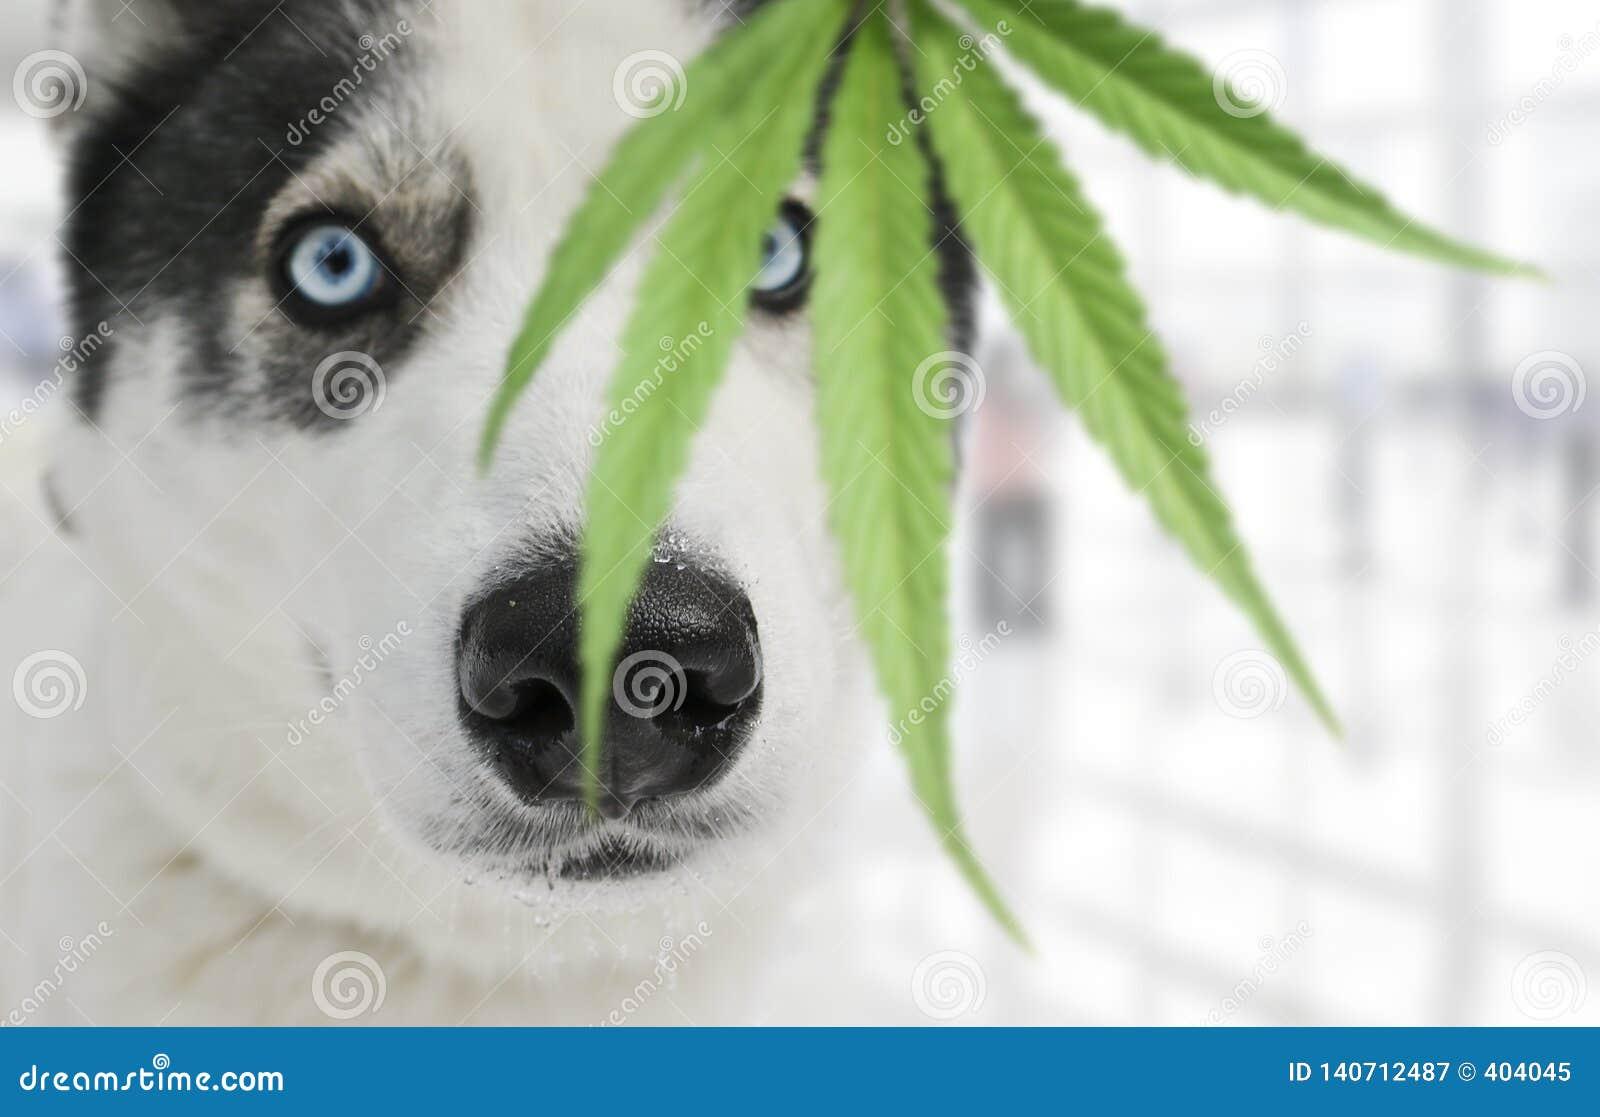 Chien enroué reniflant une feuille de marijuana Chien qualifié recherchant des drogues